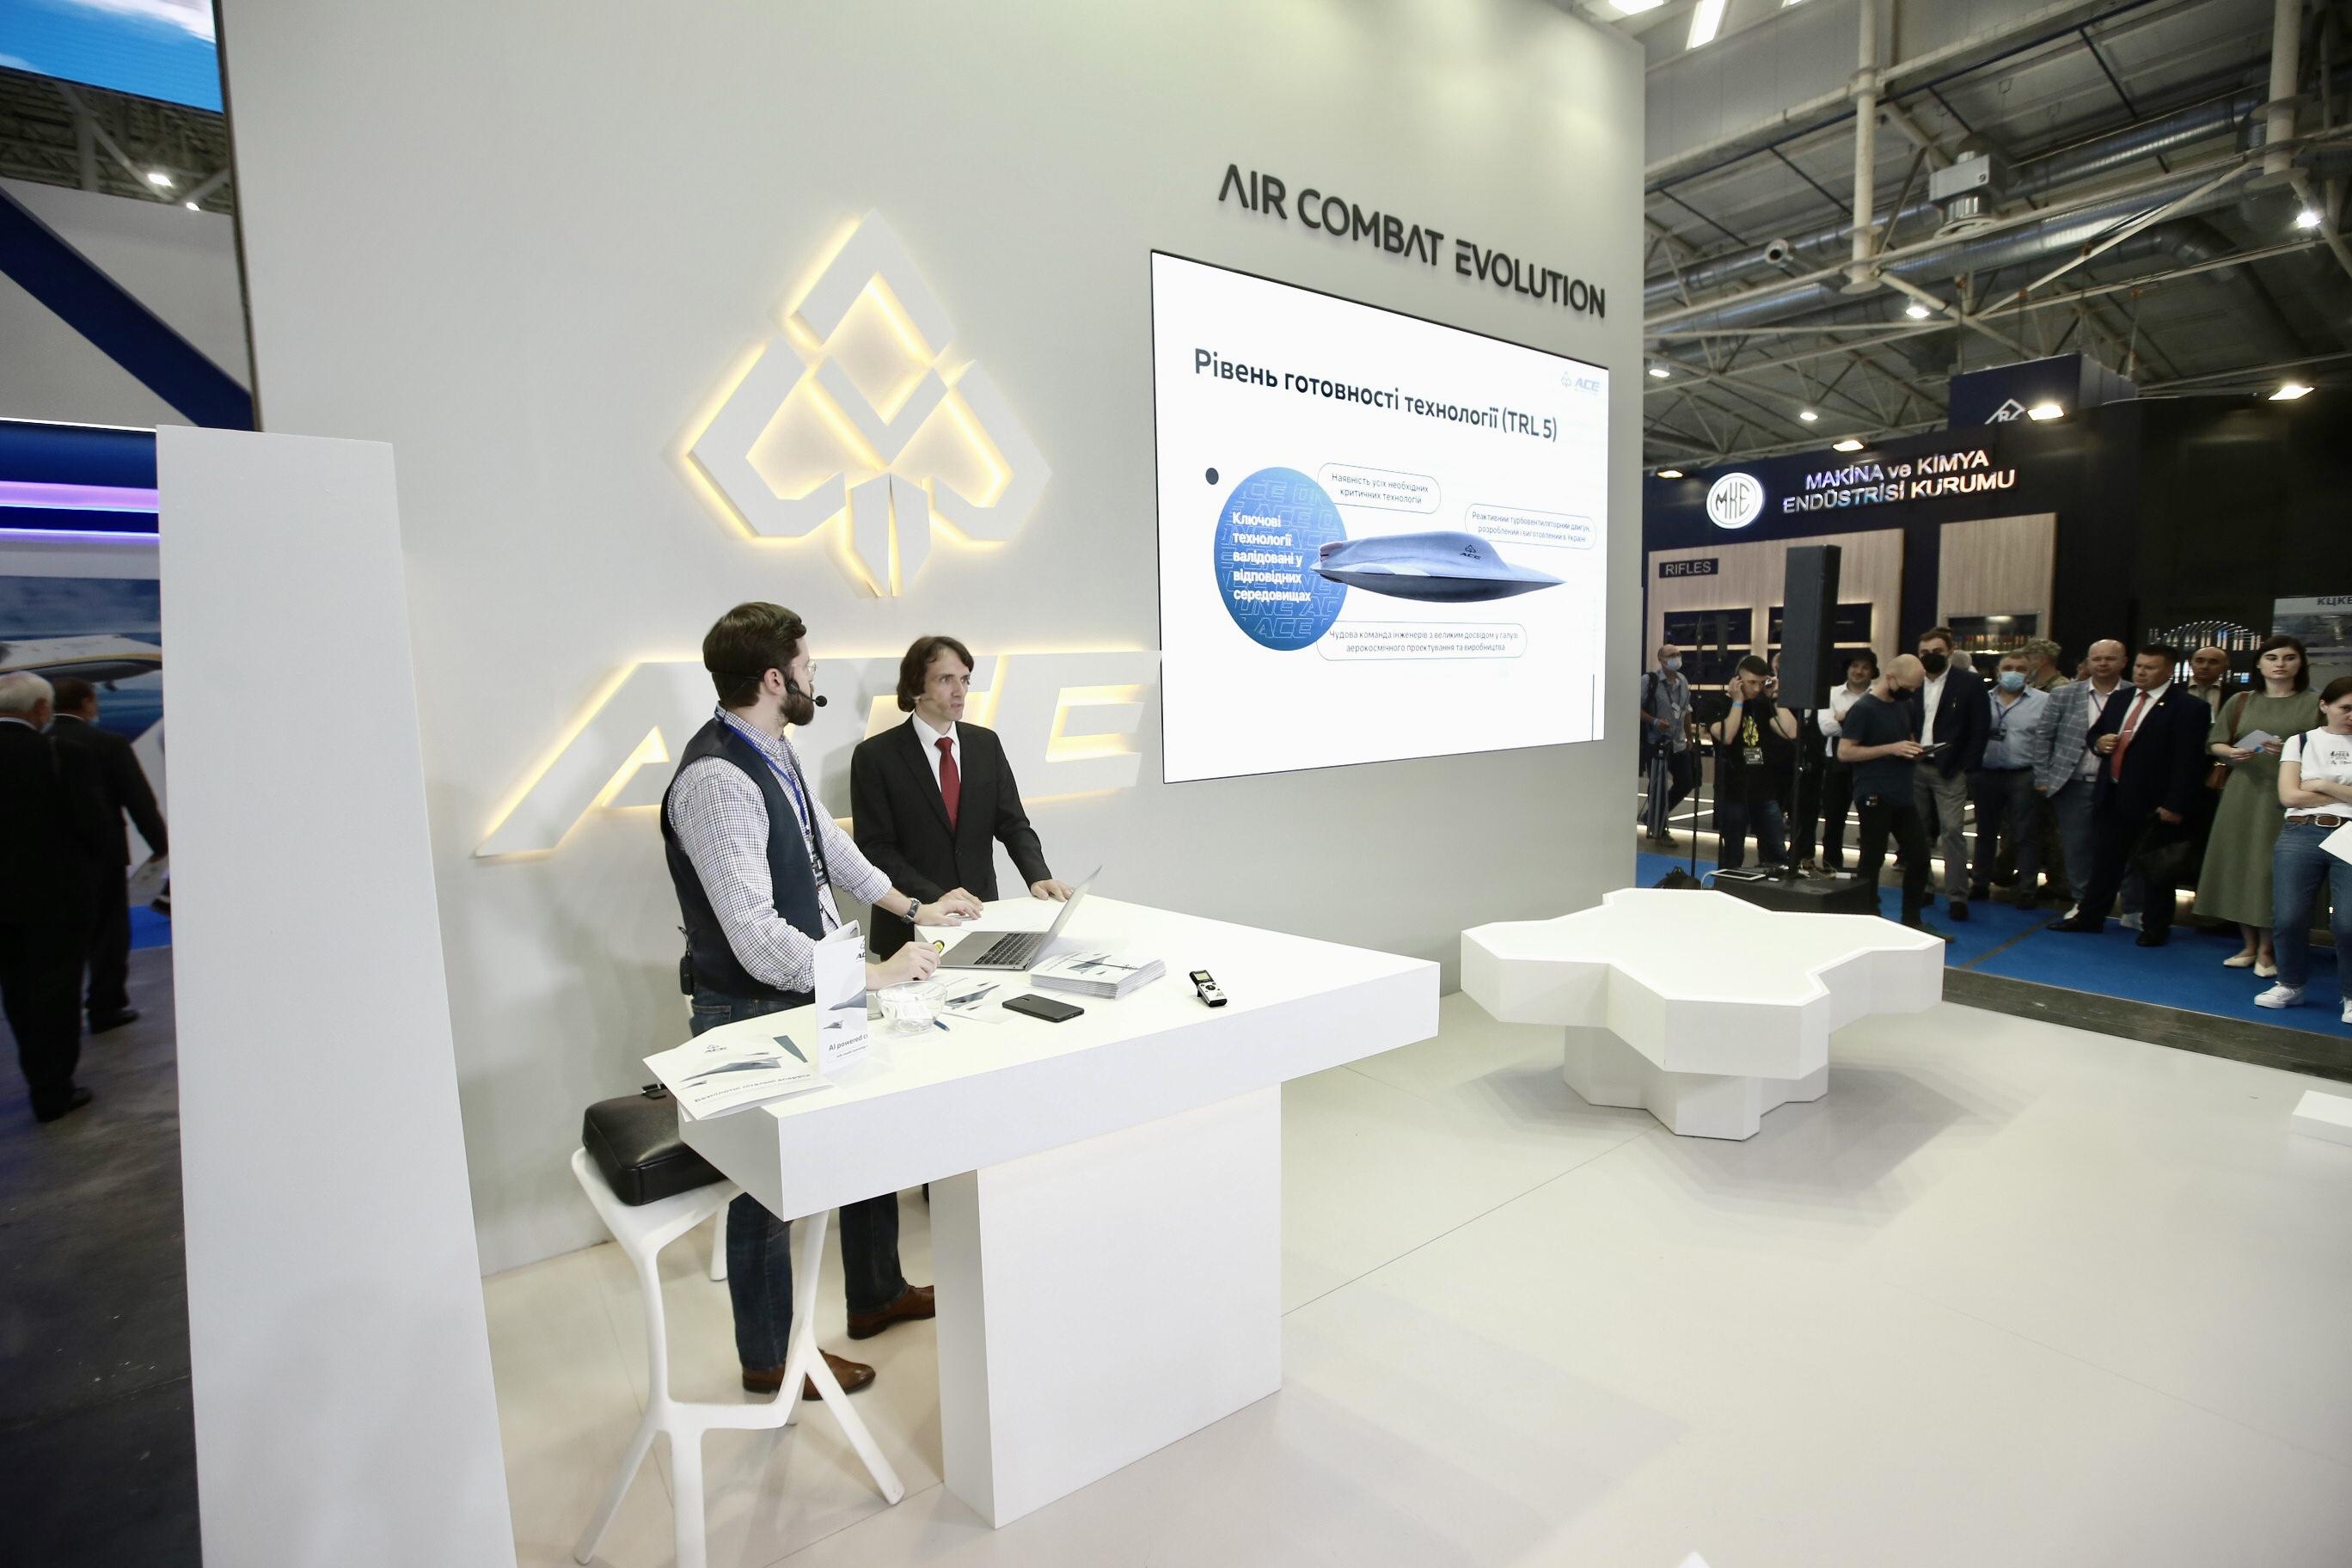 Аналогів у світі немає. Україна представила власний бойовий дрон ACE ONE: фото, відео